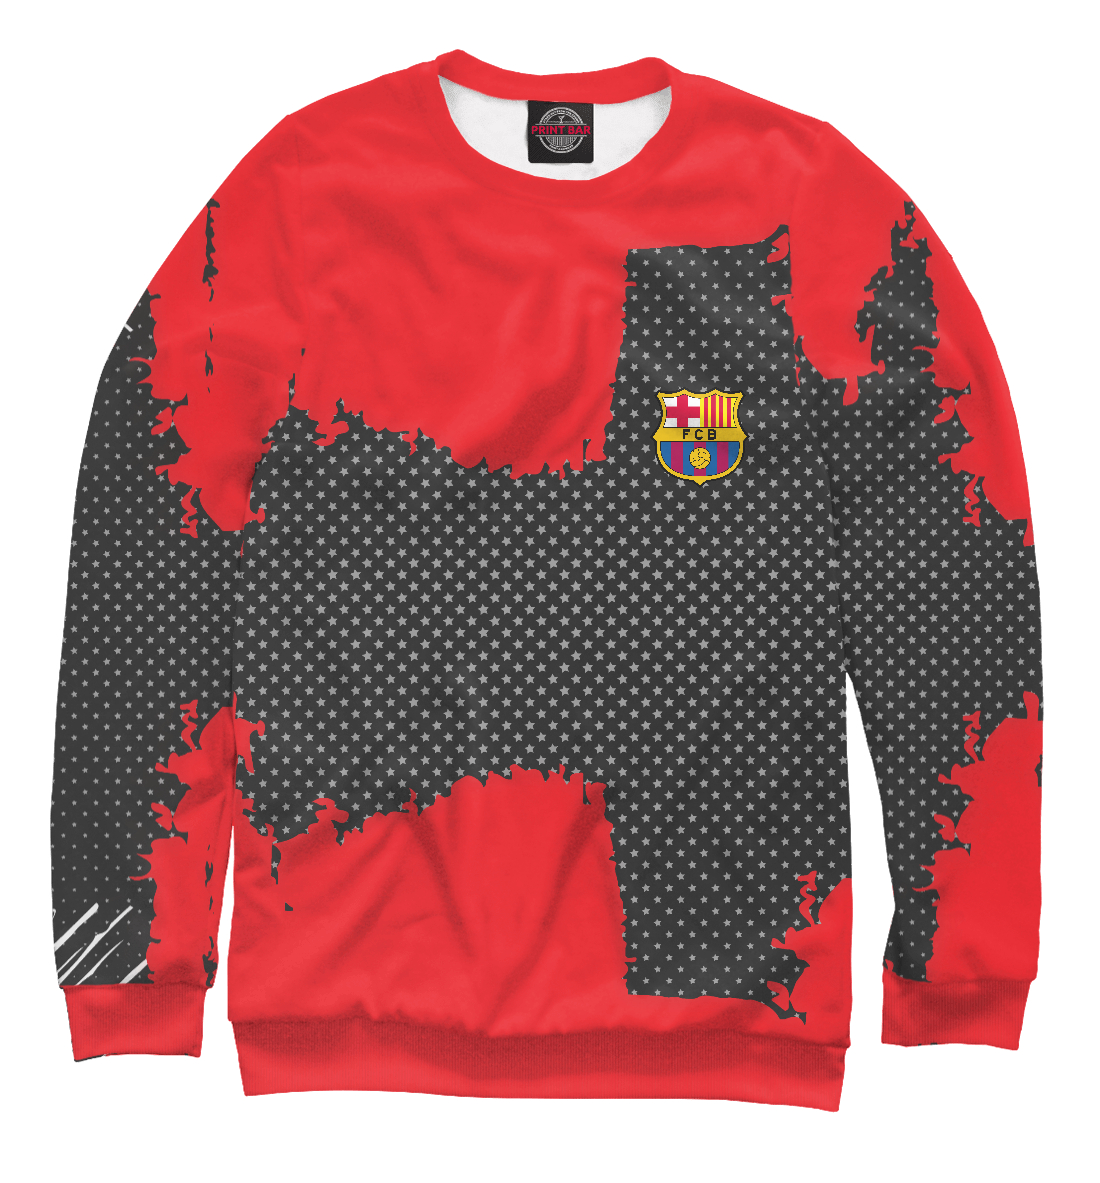 Купить Barcelona sport collection, Printbar, Свитшоты, BAR-810164-swi-2